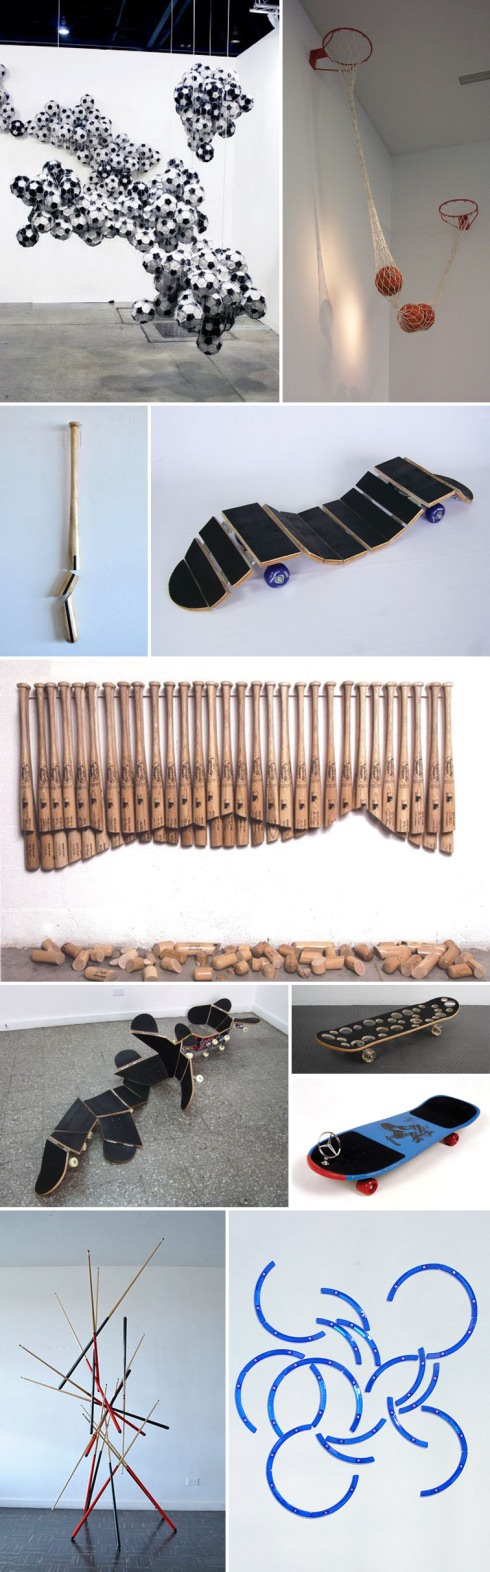 sports gear, guatemalen contemporary art, art installations, kamel mennour, collabcubed